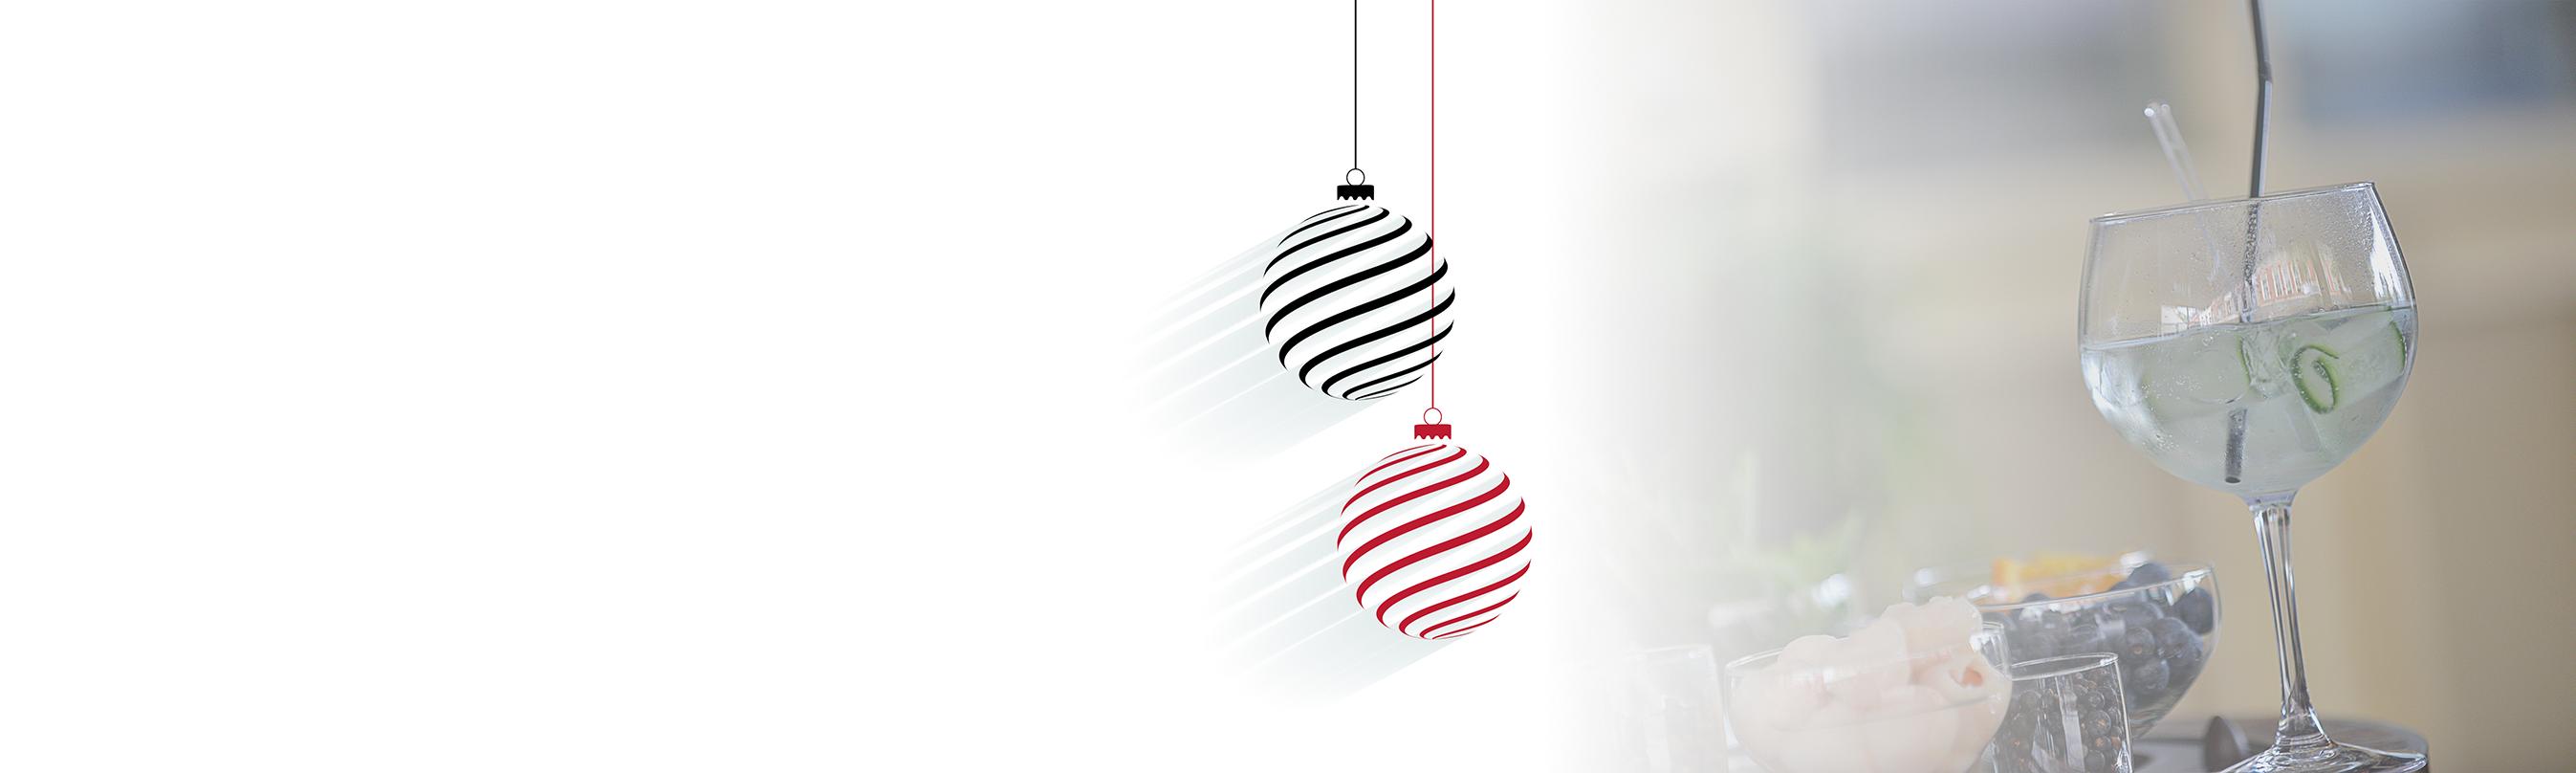 Kerst popup image